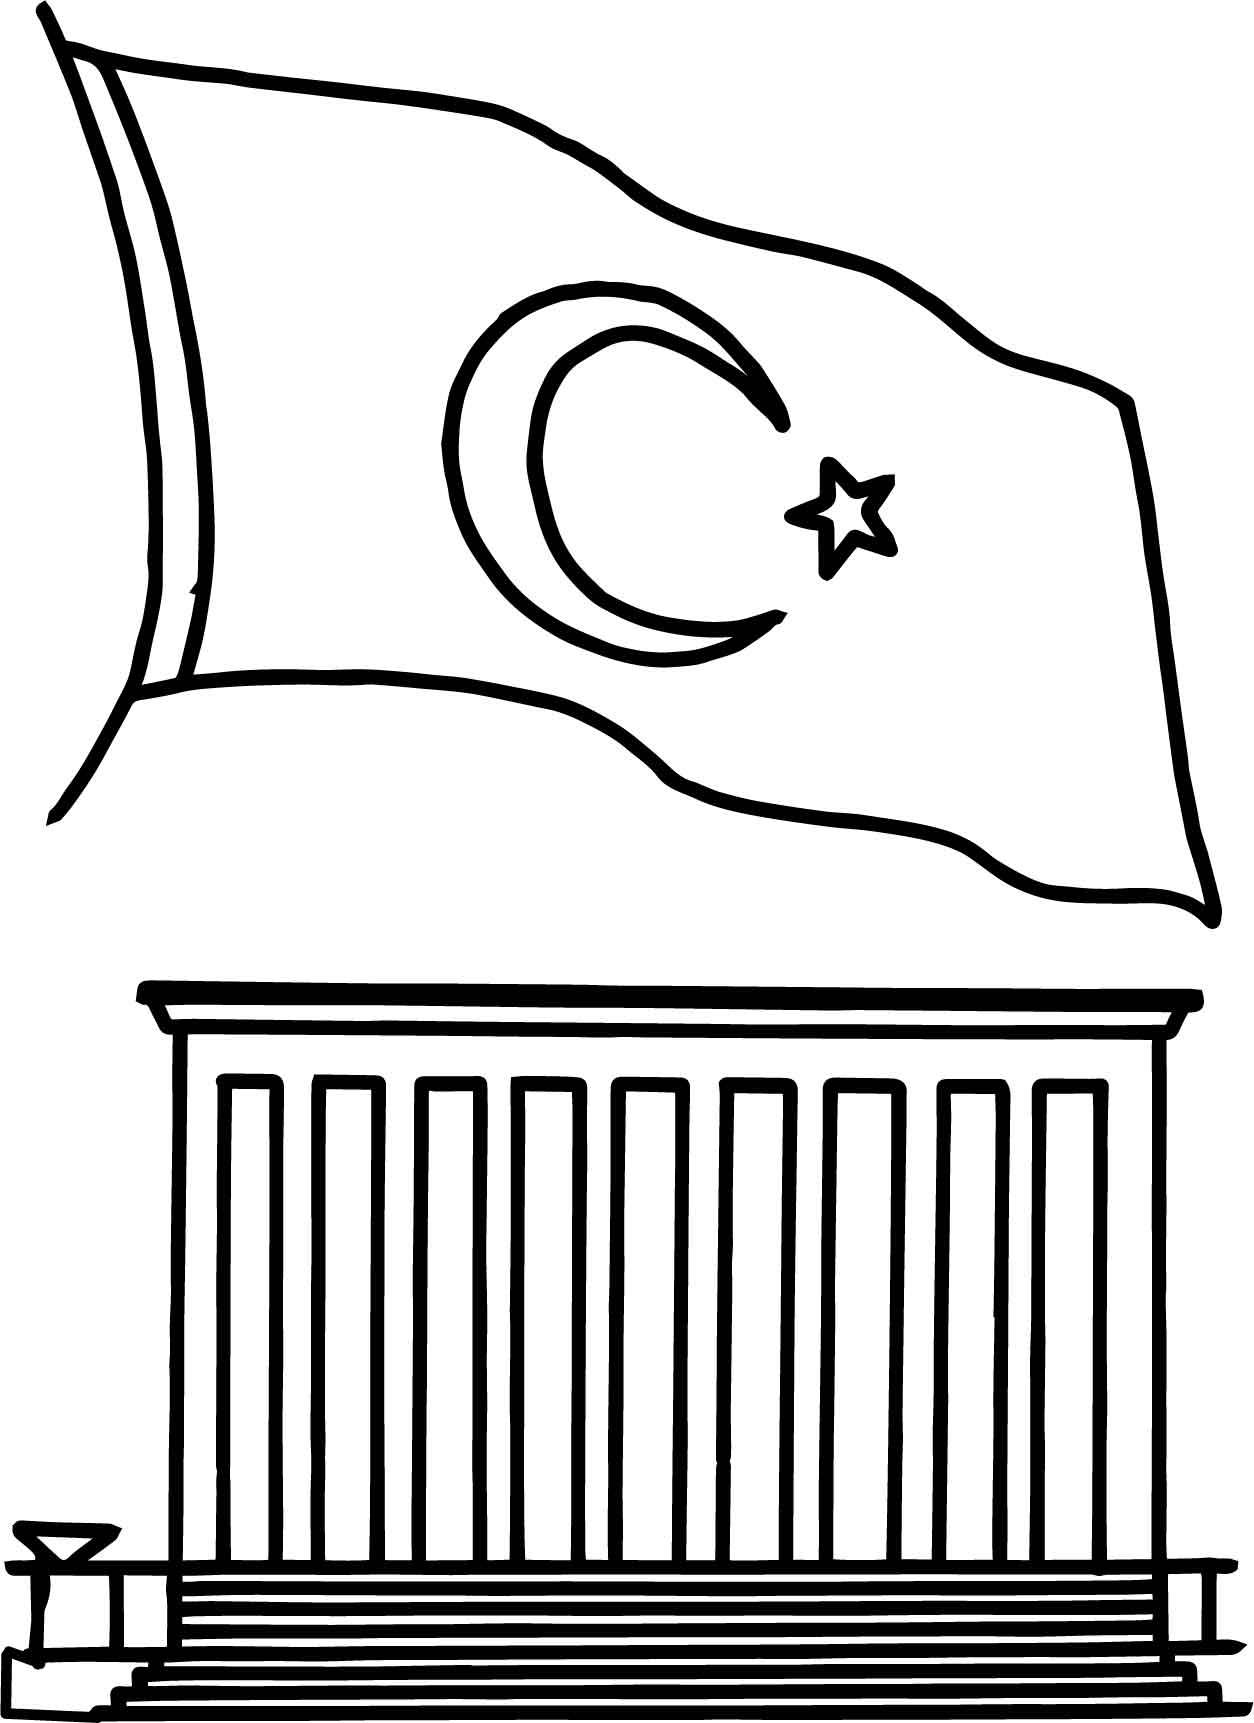 Cumhuriyet Bayrami Boyamasayfasi 17 Sinif Ogretmenleri Icin